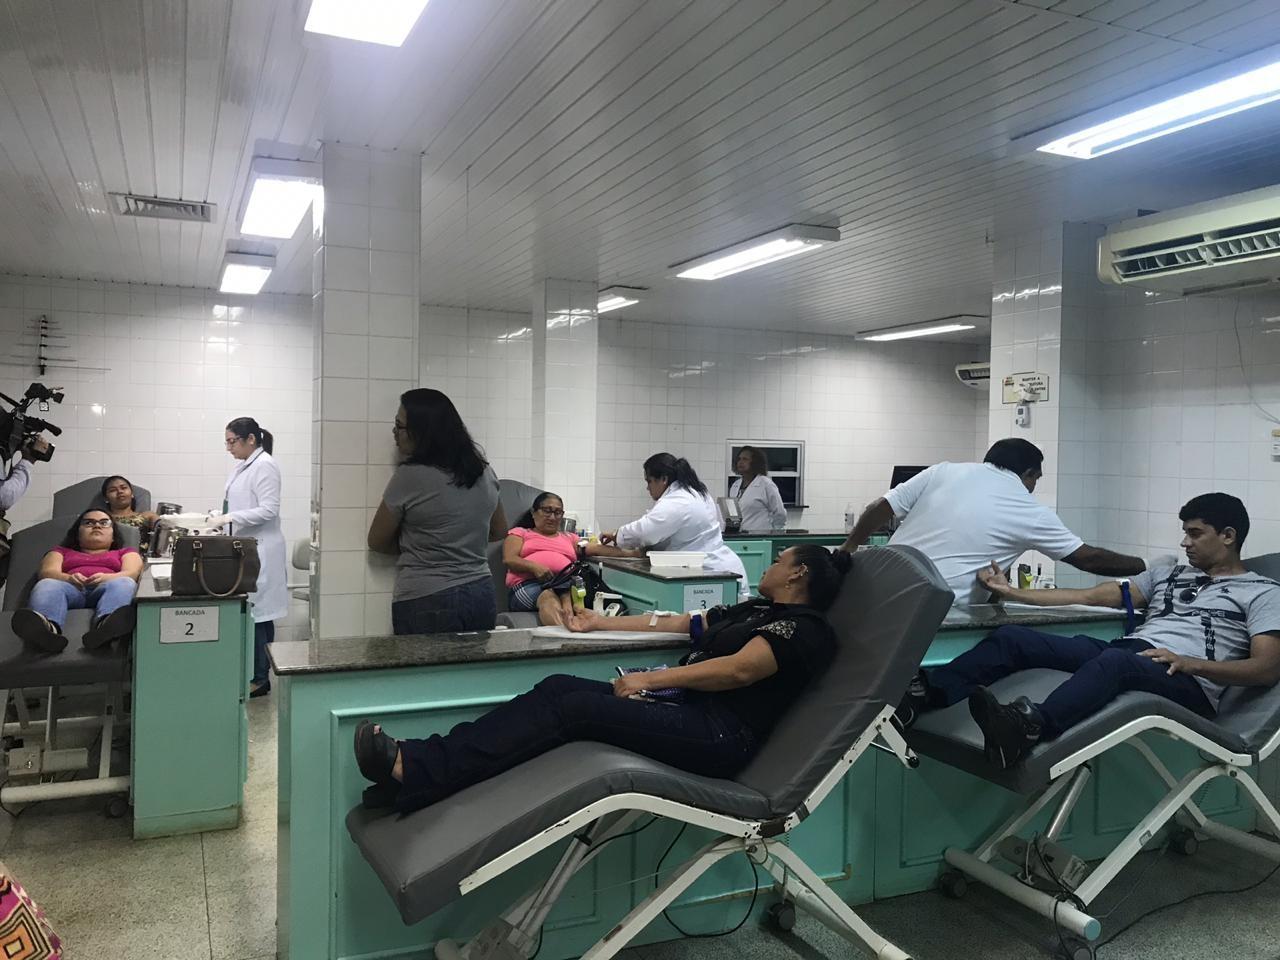 Com estoque crítico, Hemoap faz campanha para doações de sangue durante férias no AP